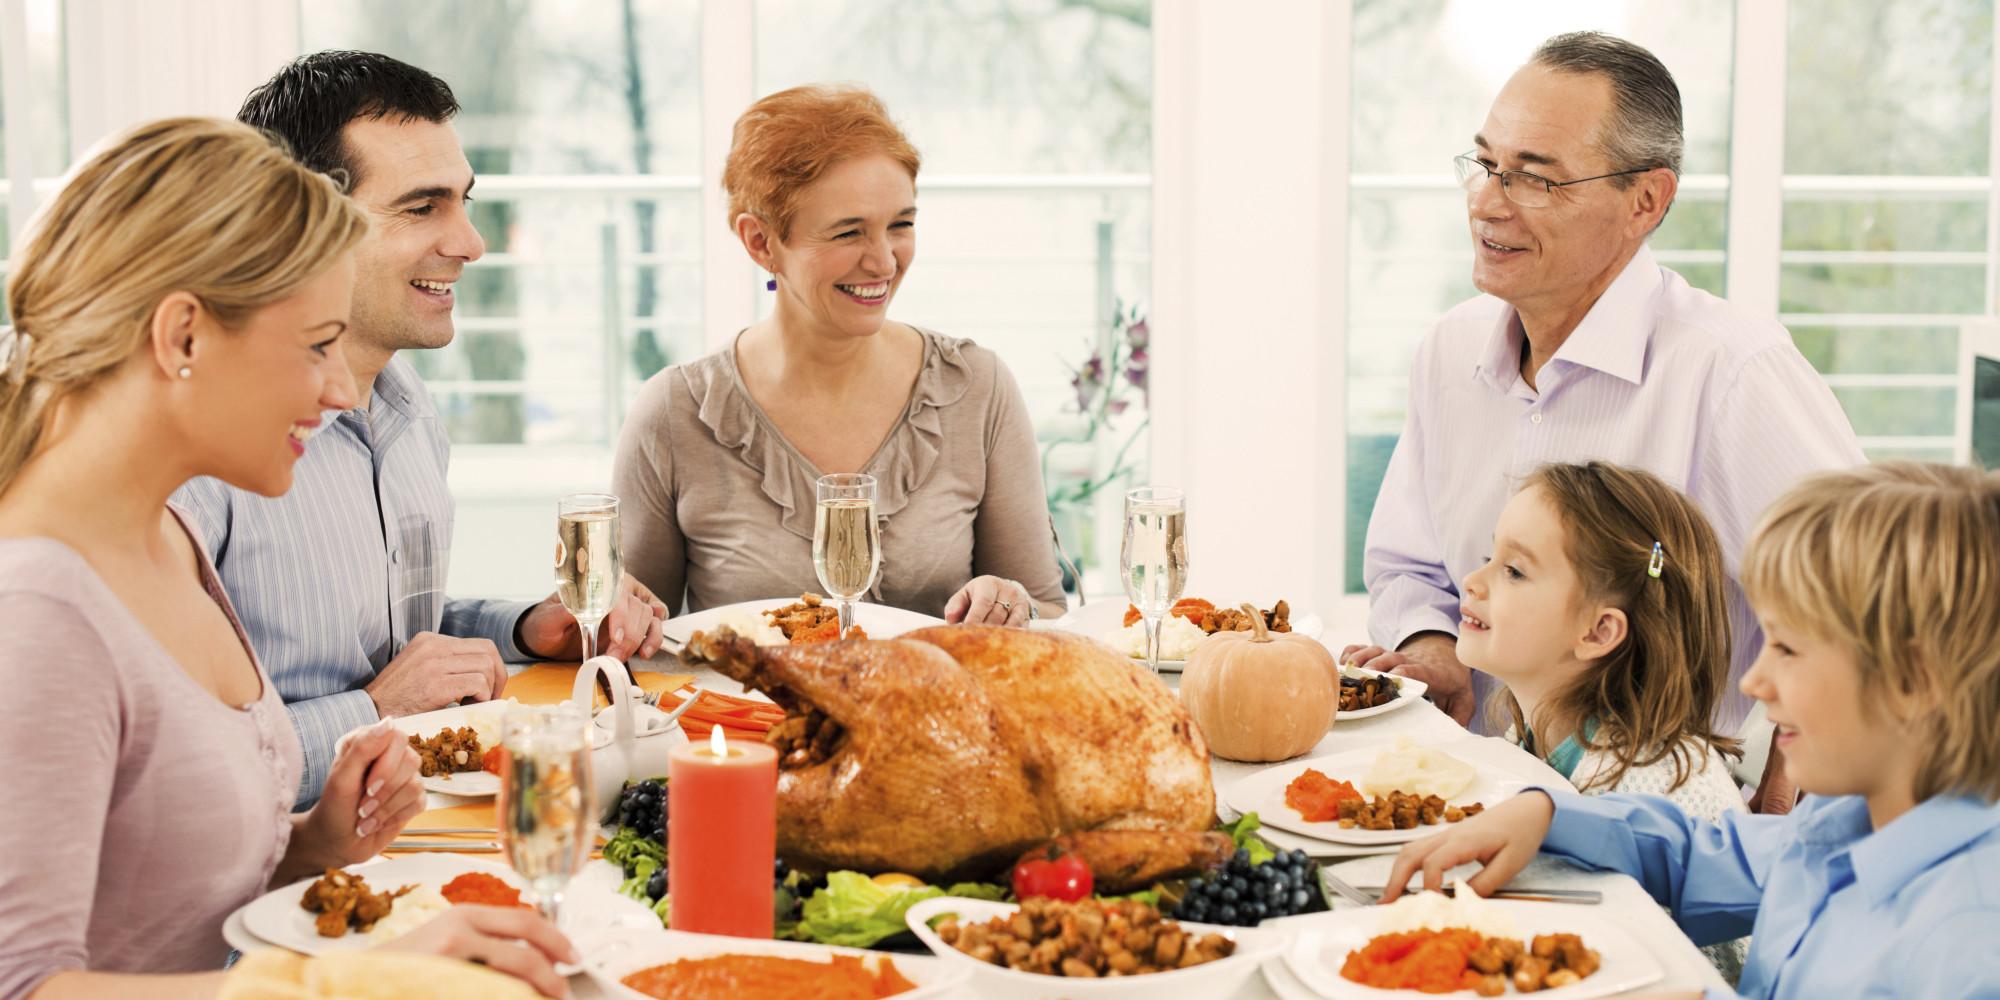 Enjoy the Spirit of the Season With Family